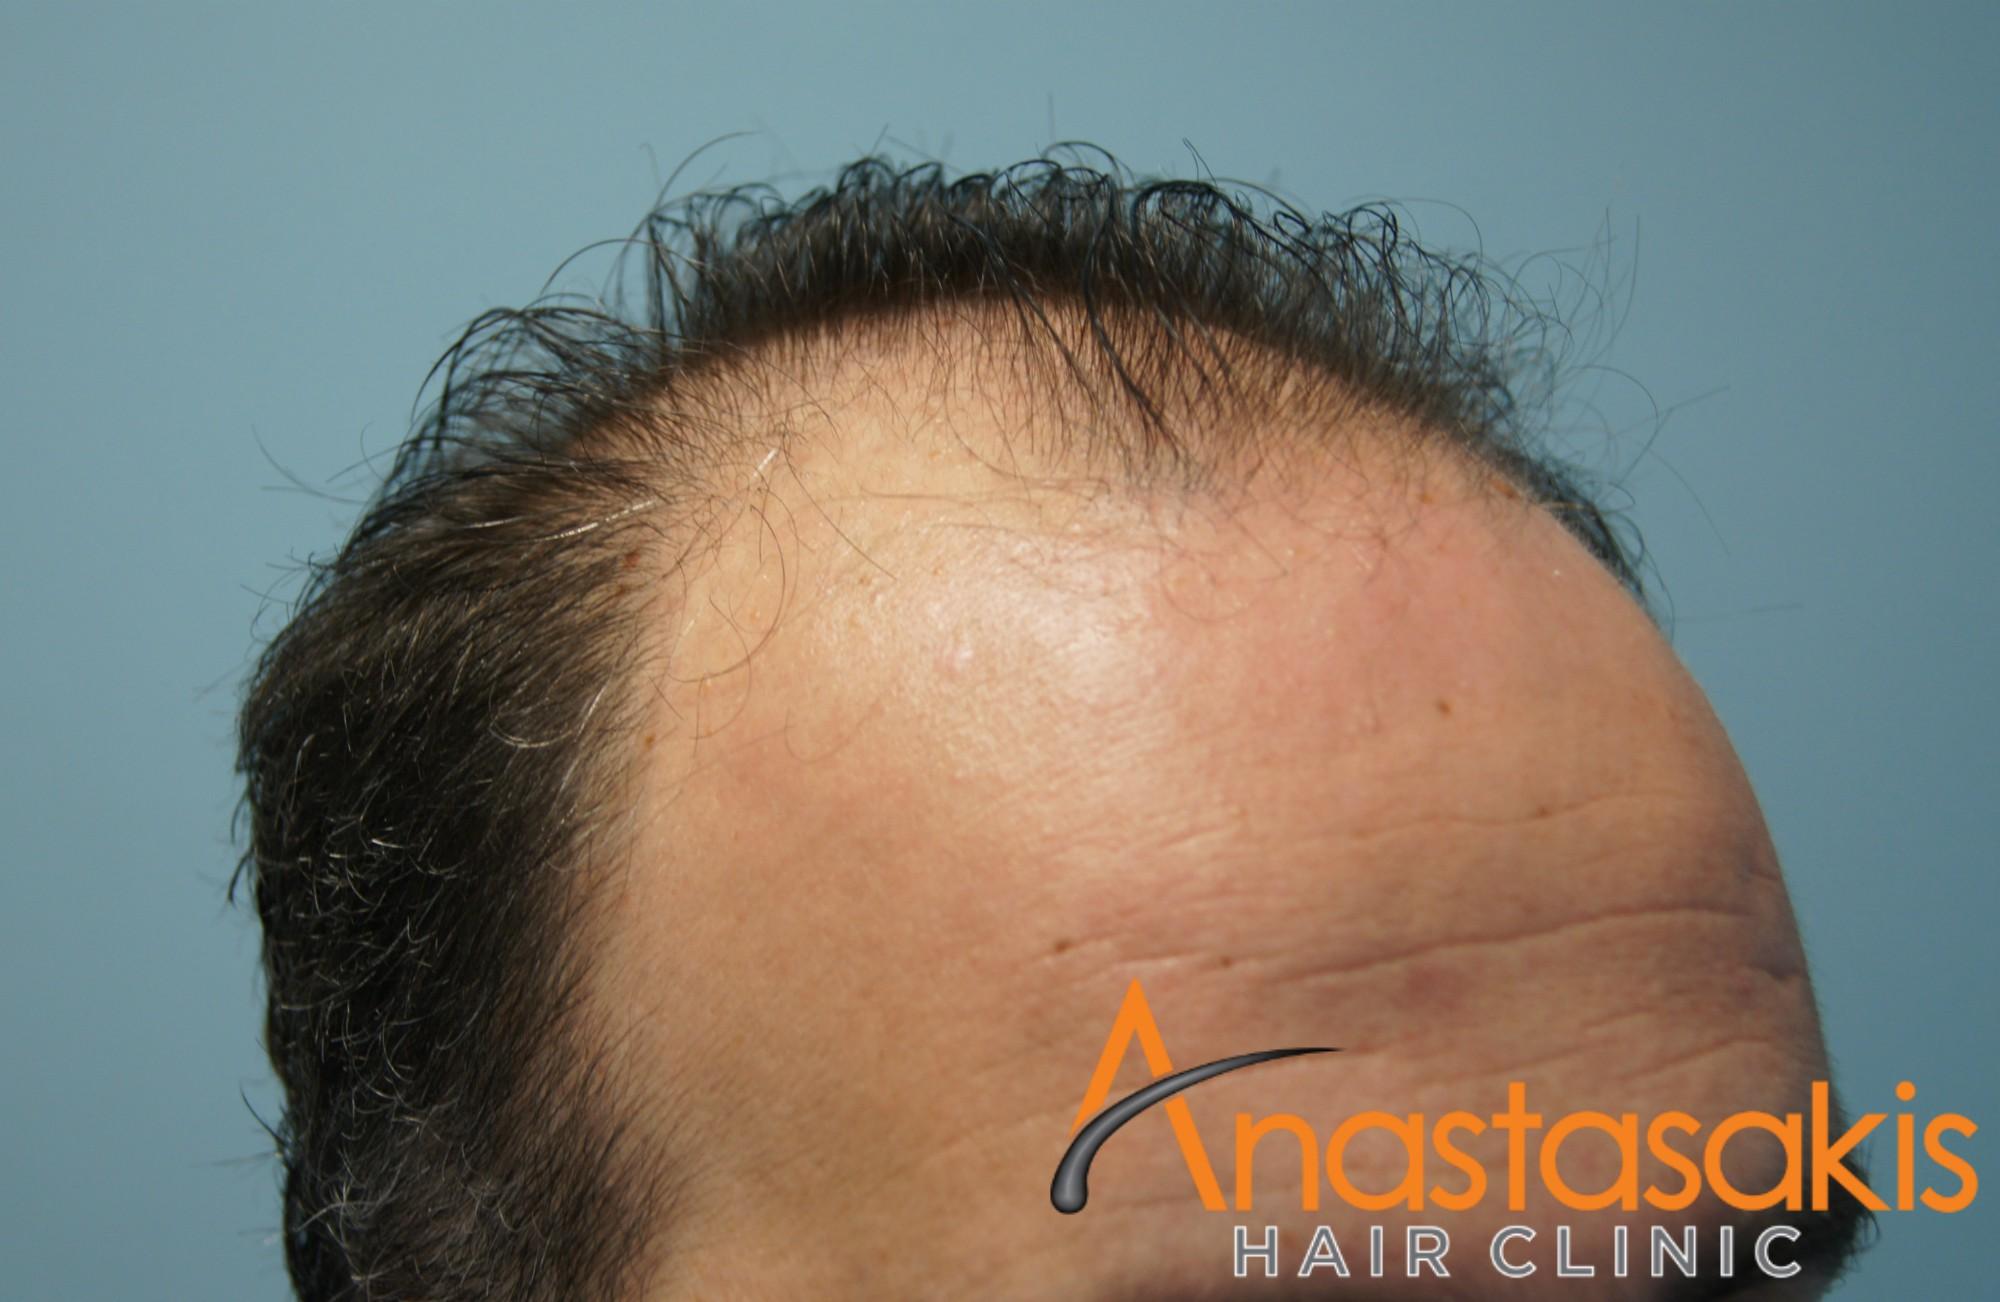 δεξι προφιλ 2 ασθενους πριν τη μεταμοσχευση μαλλιων με 3000 fus